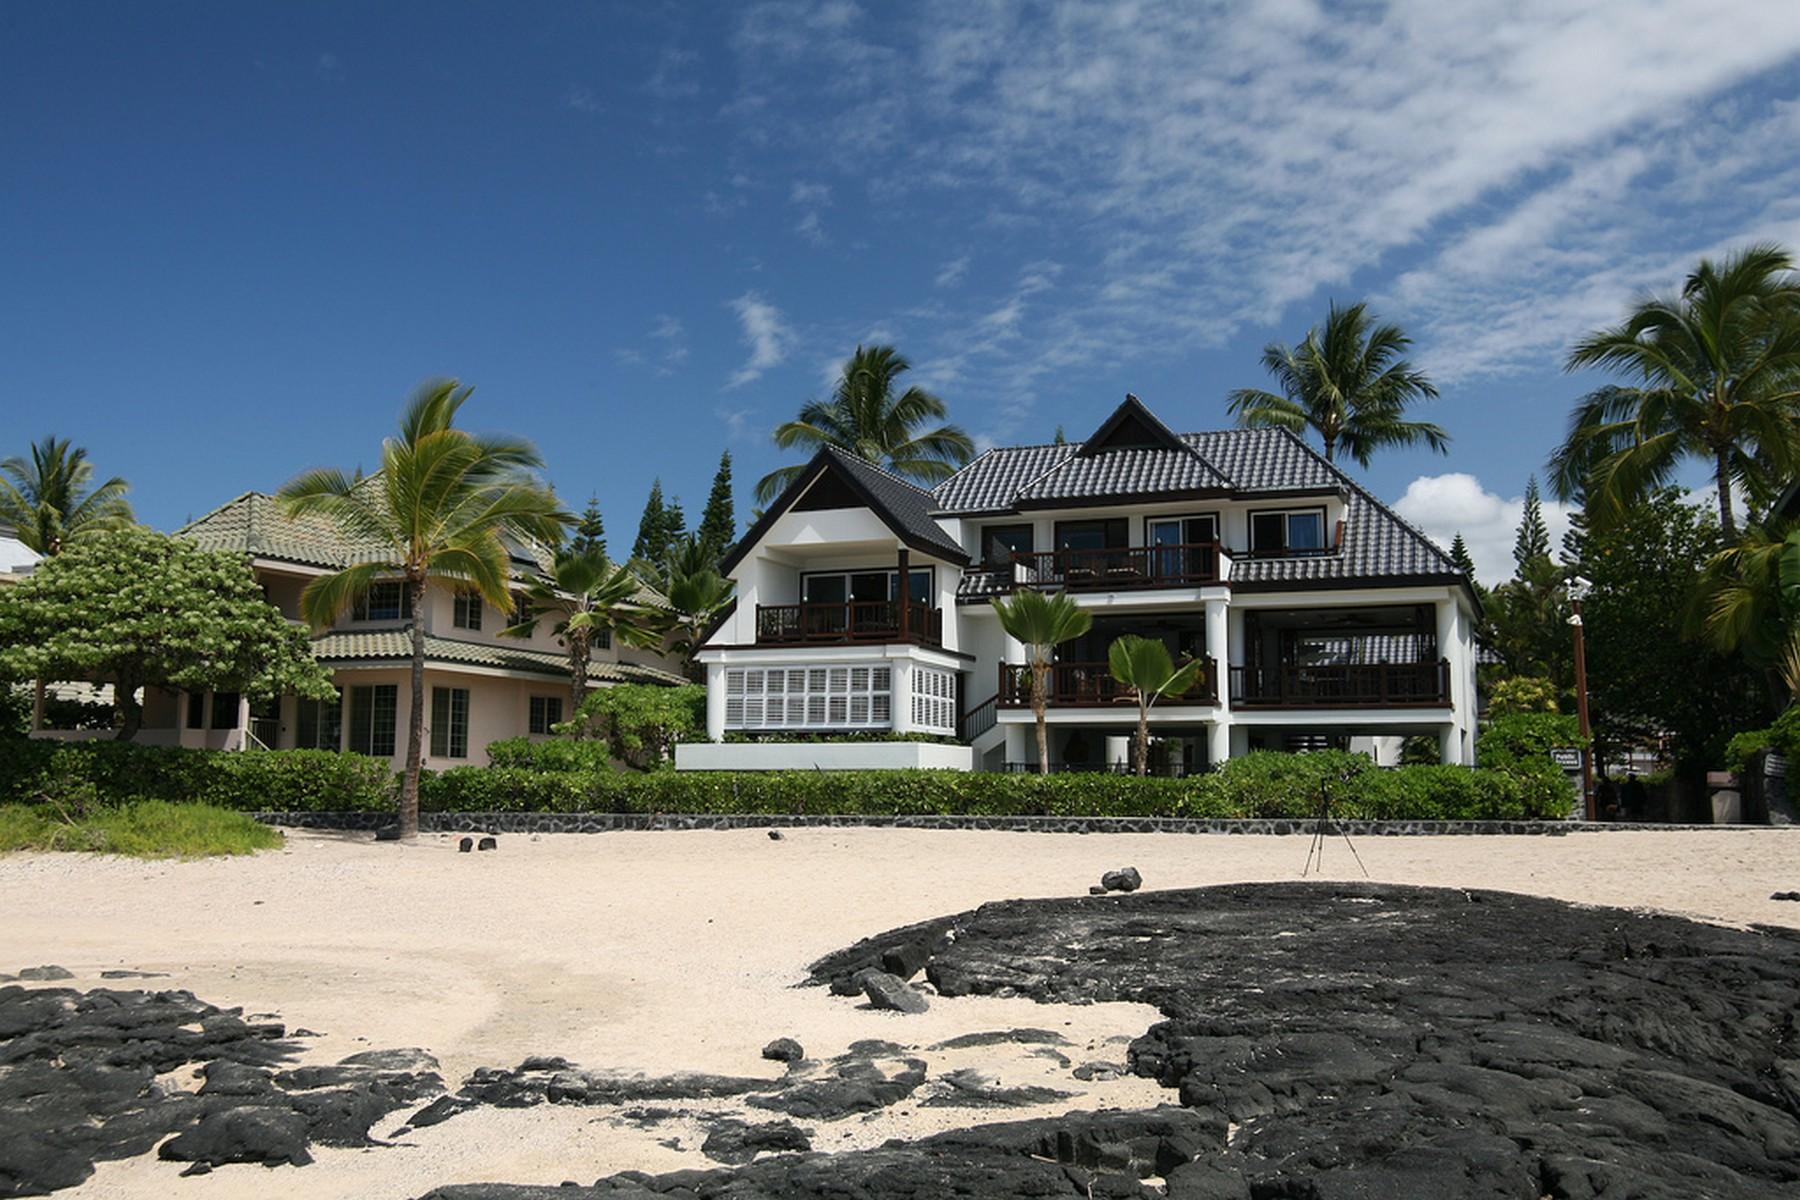 Property For Sale at Kona Bay Estates